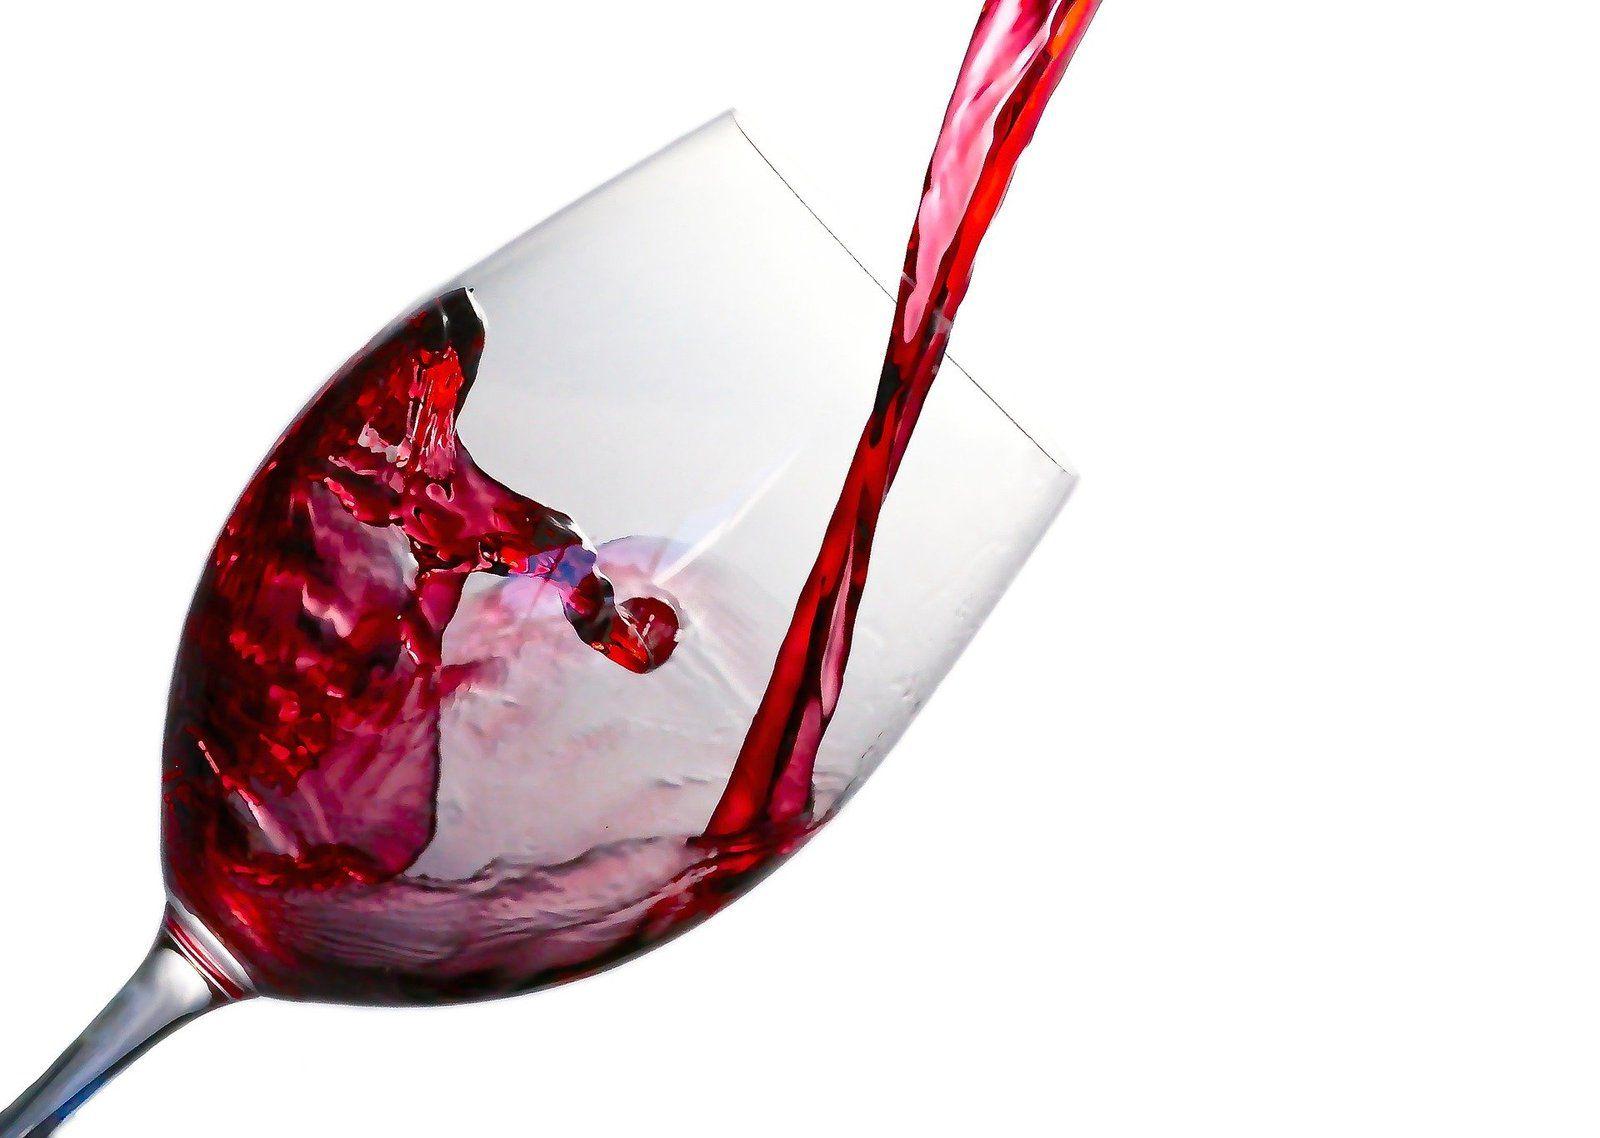 Chartres - récidive conduite sous l'empire d'un état alcoolique